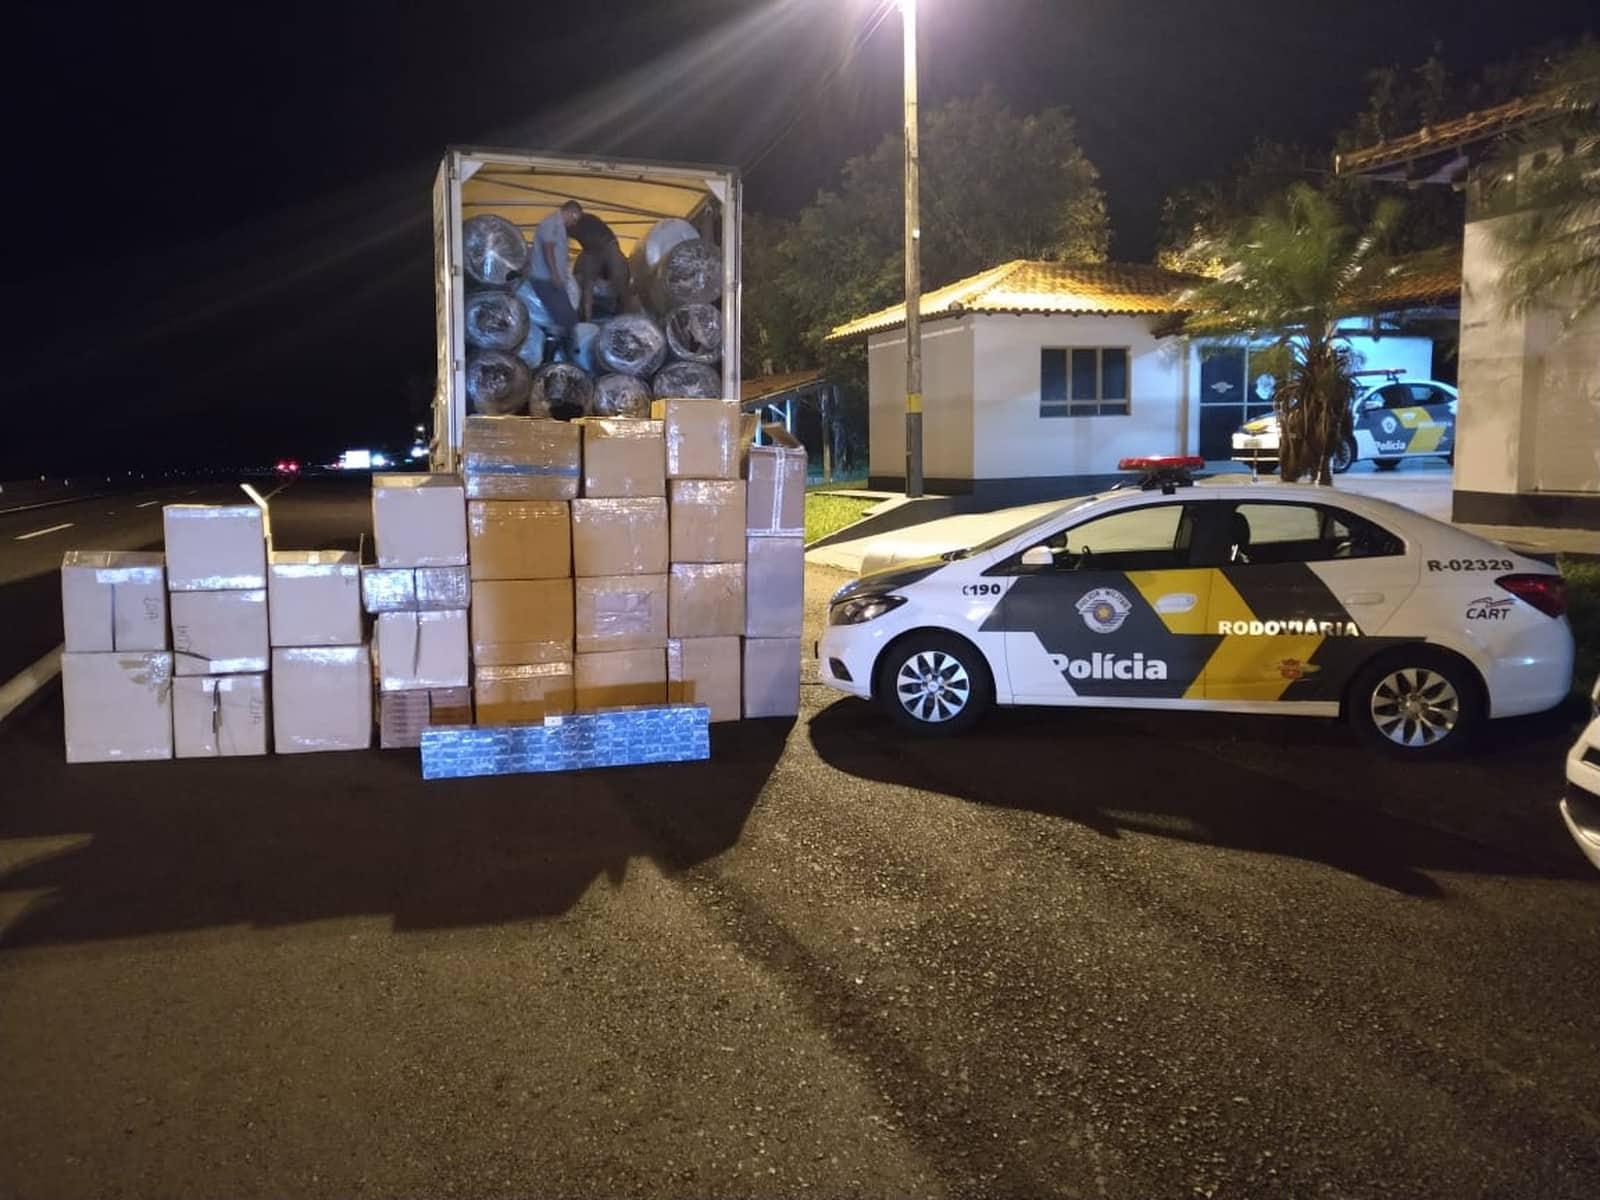 Paraguaio é preso com mercadorias contrabandeadas em Santa Cruz do Rio Pardo — Foto: Polícia Rodoviária/Divulgação